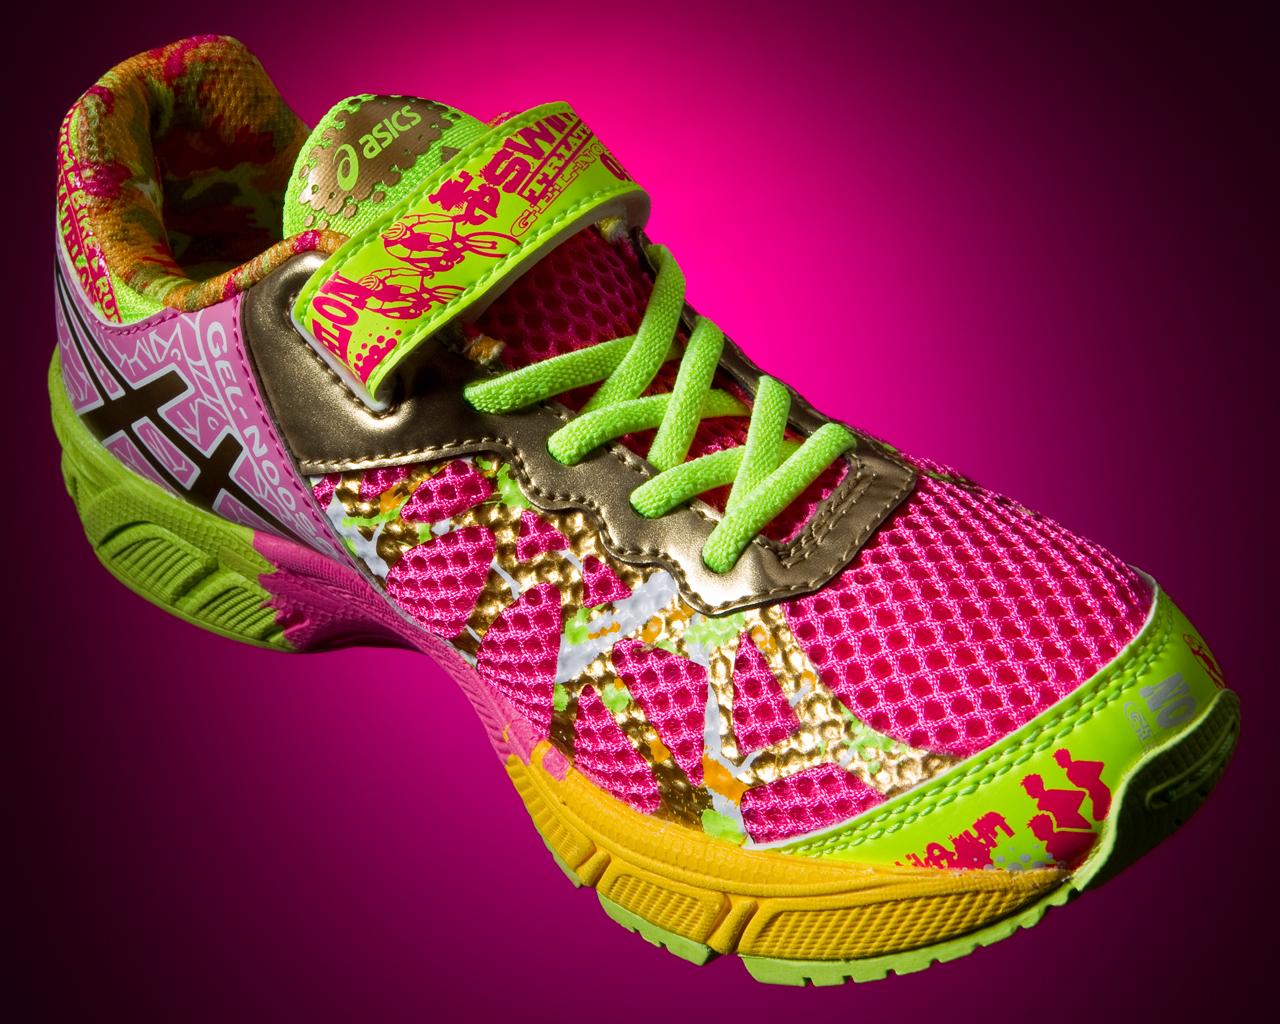 Asics Gel Noosa Pink Ribbon shoe